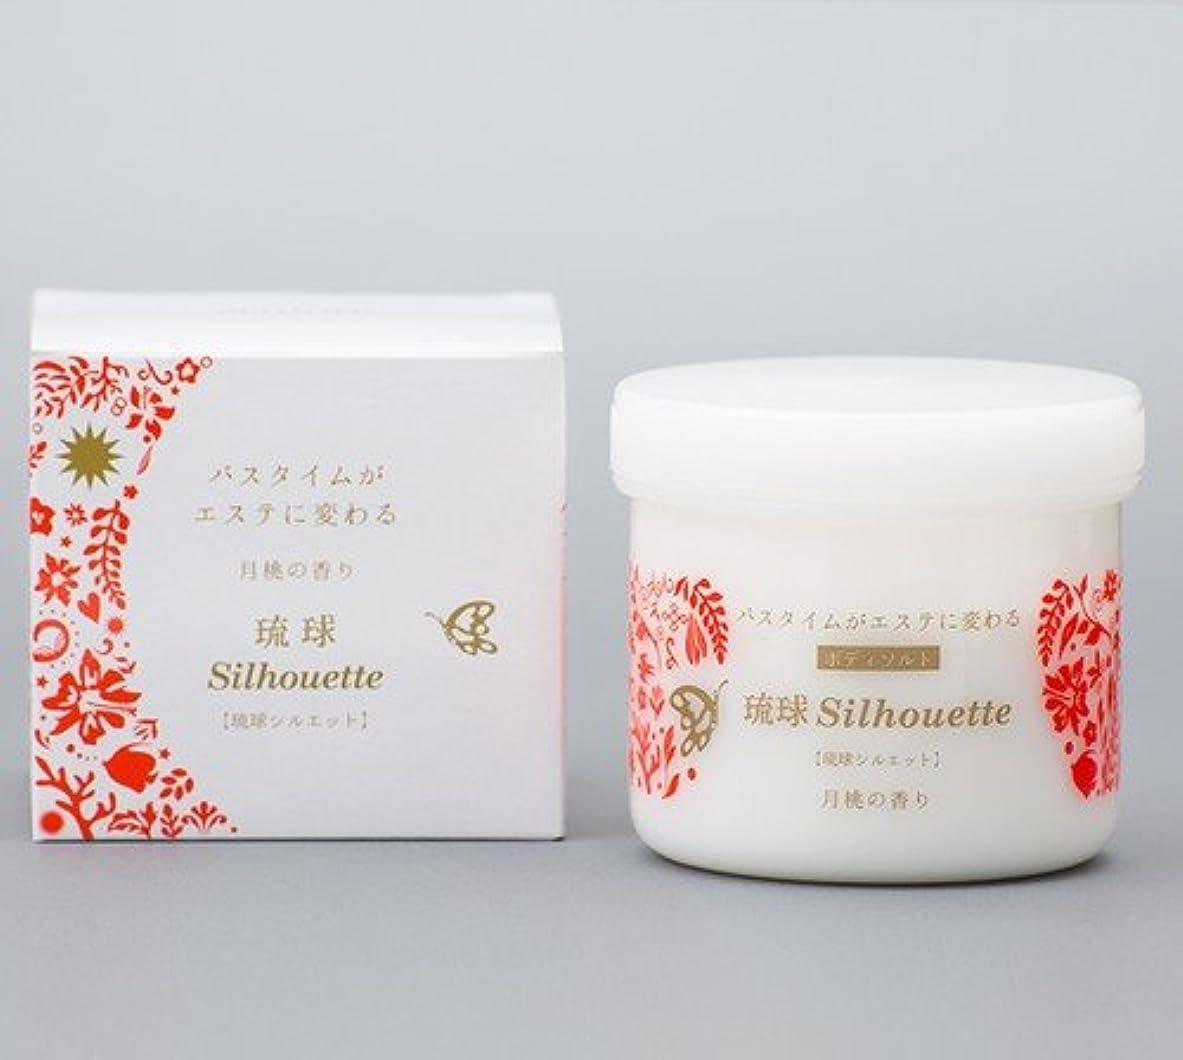 手病弱石膏月桃の香り 琉球シルエット ソルトソープ(200g)